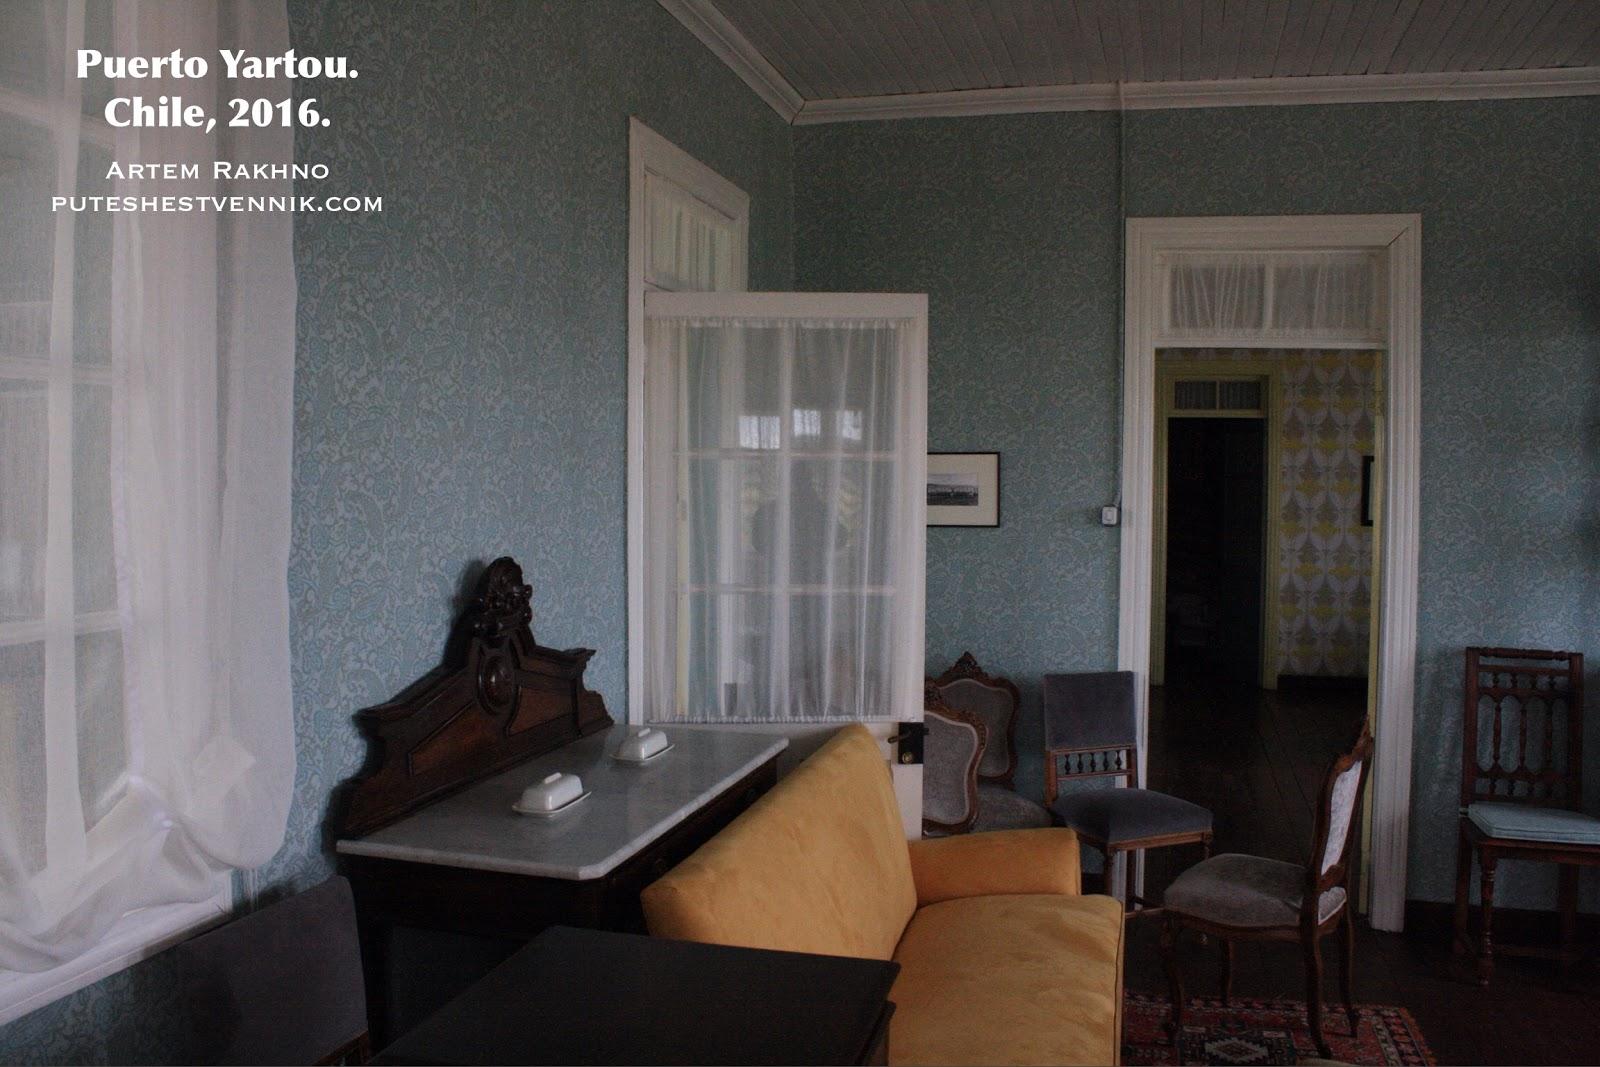 Диван в комнате эстанции Пуэрто Яртоу